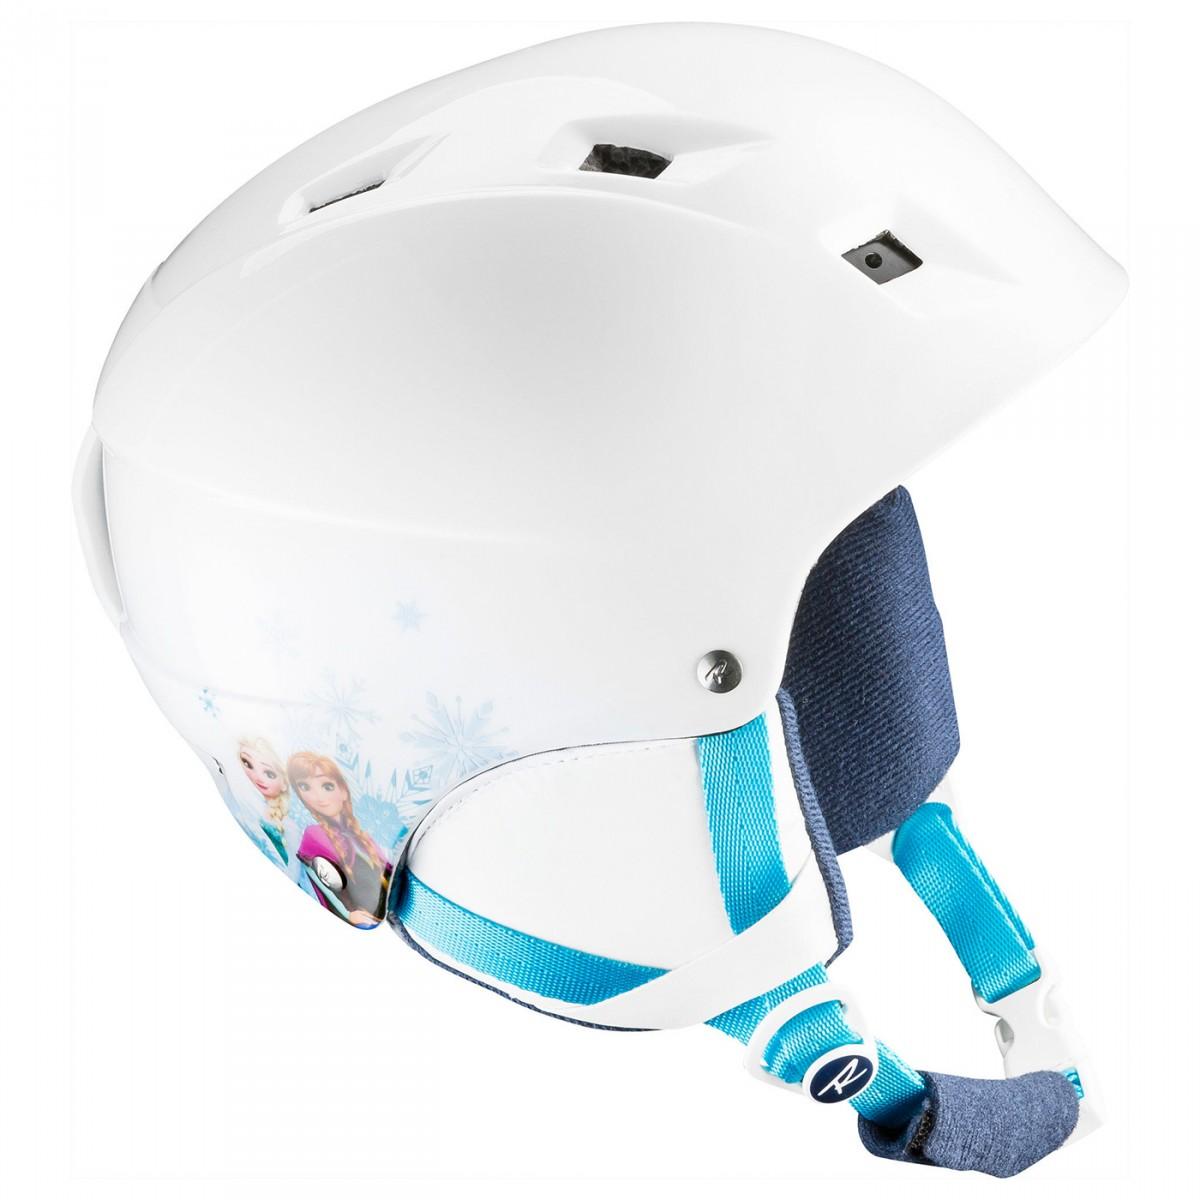 Casco sci Rossignol Comp J Frozen (Colore: bianco-azzurro, Taglia: 49/52)